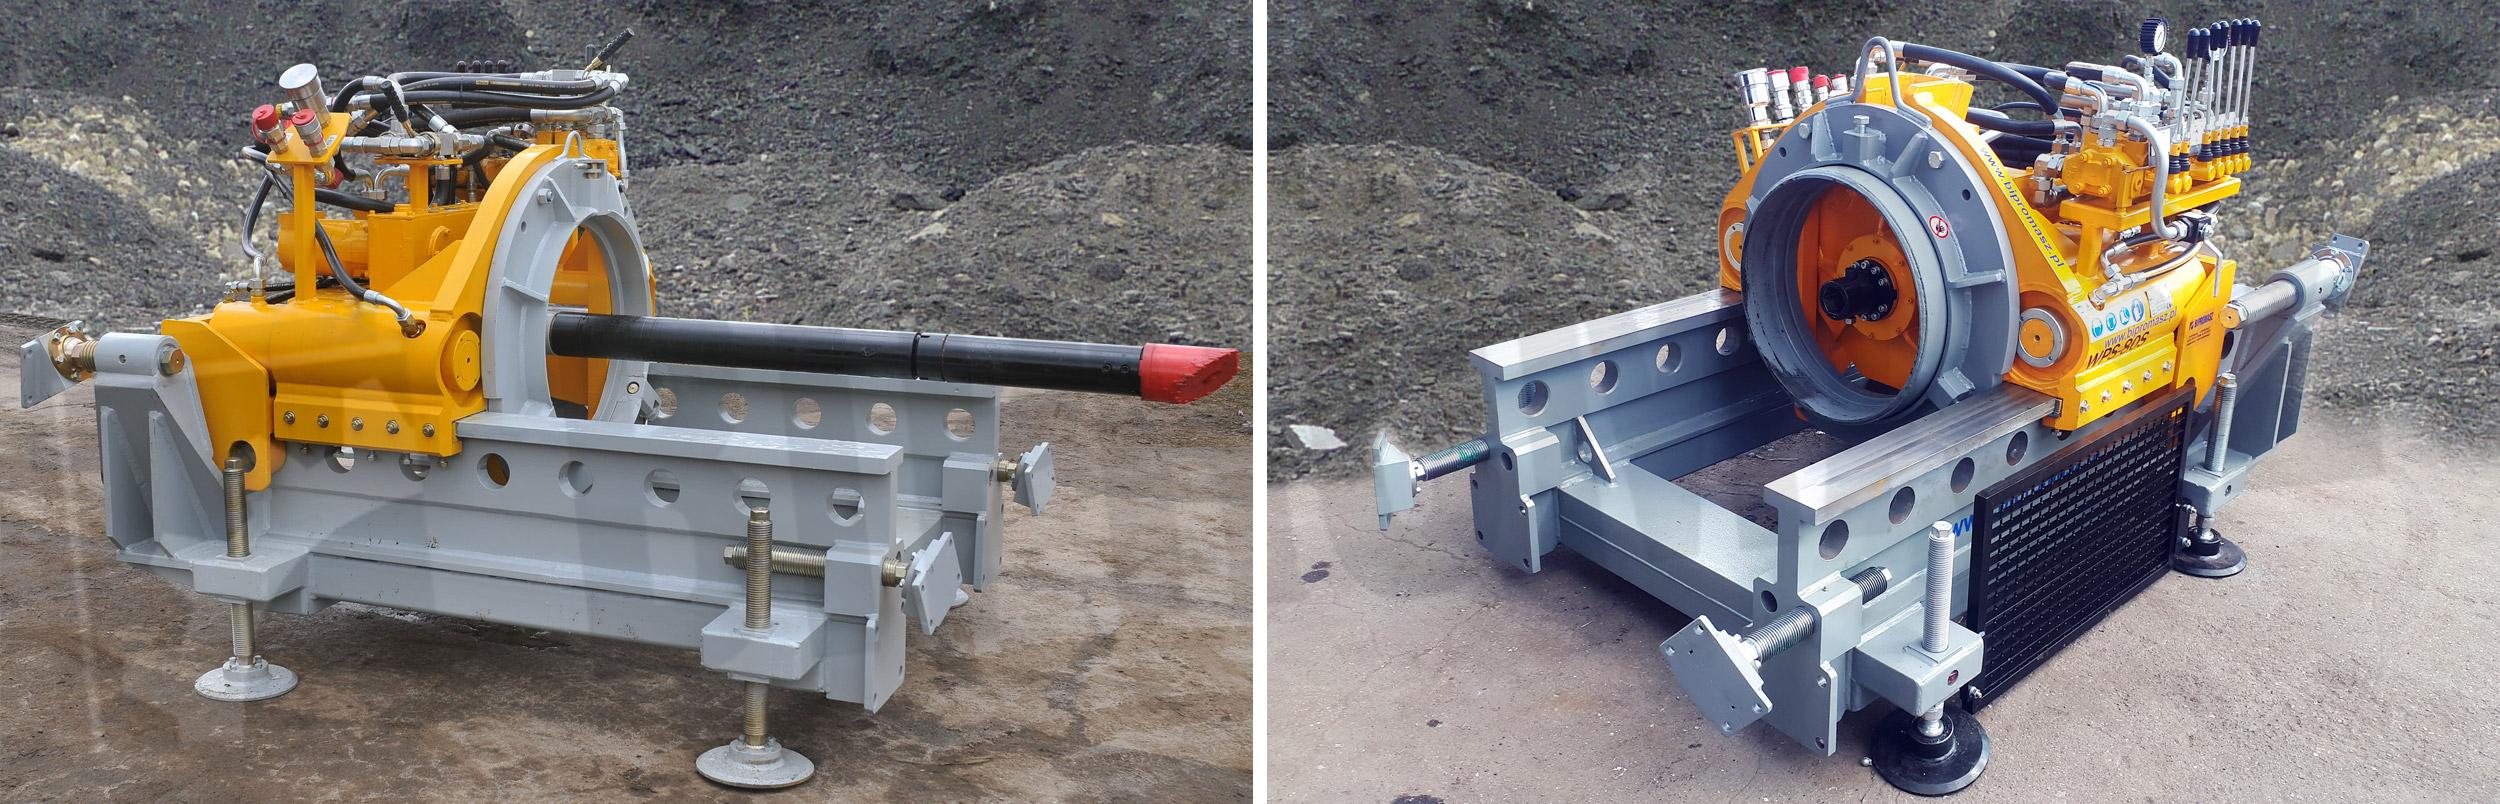 Wiertnica pozioma sterowana WPS-80S produkcji Bipromasz